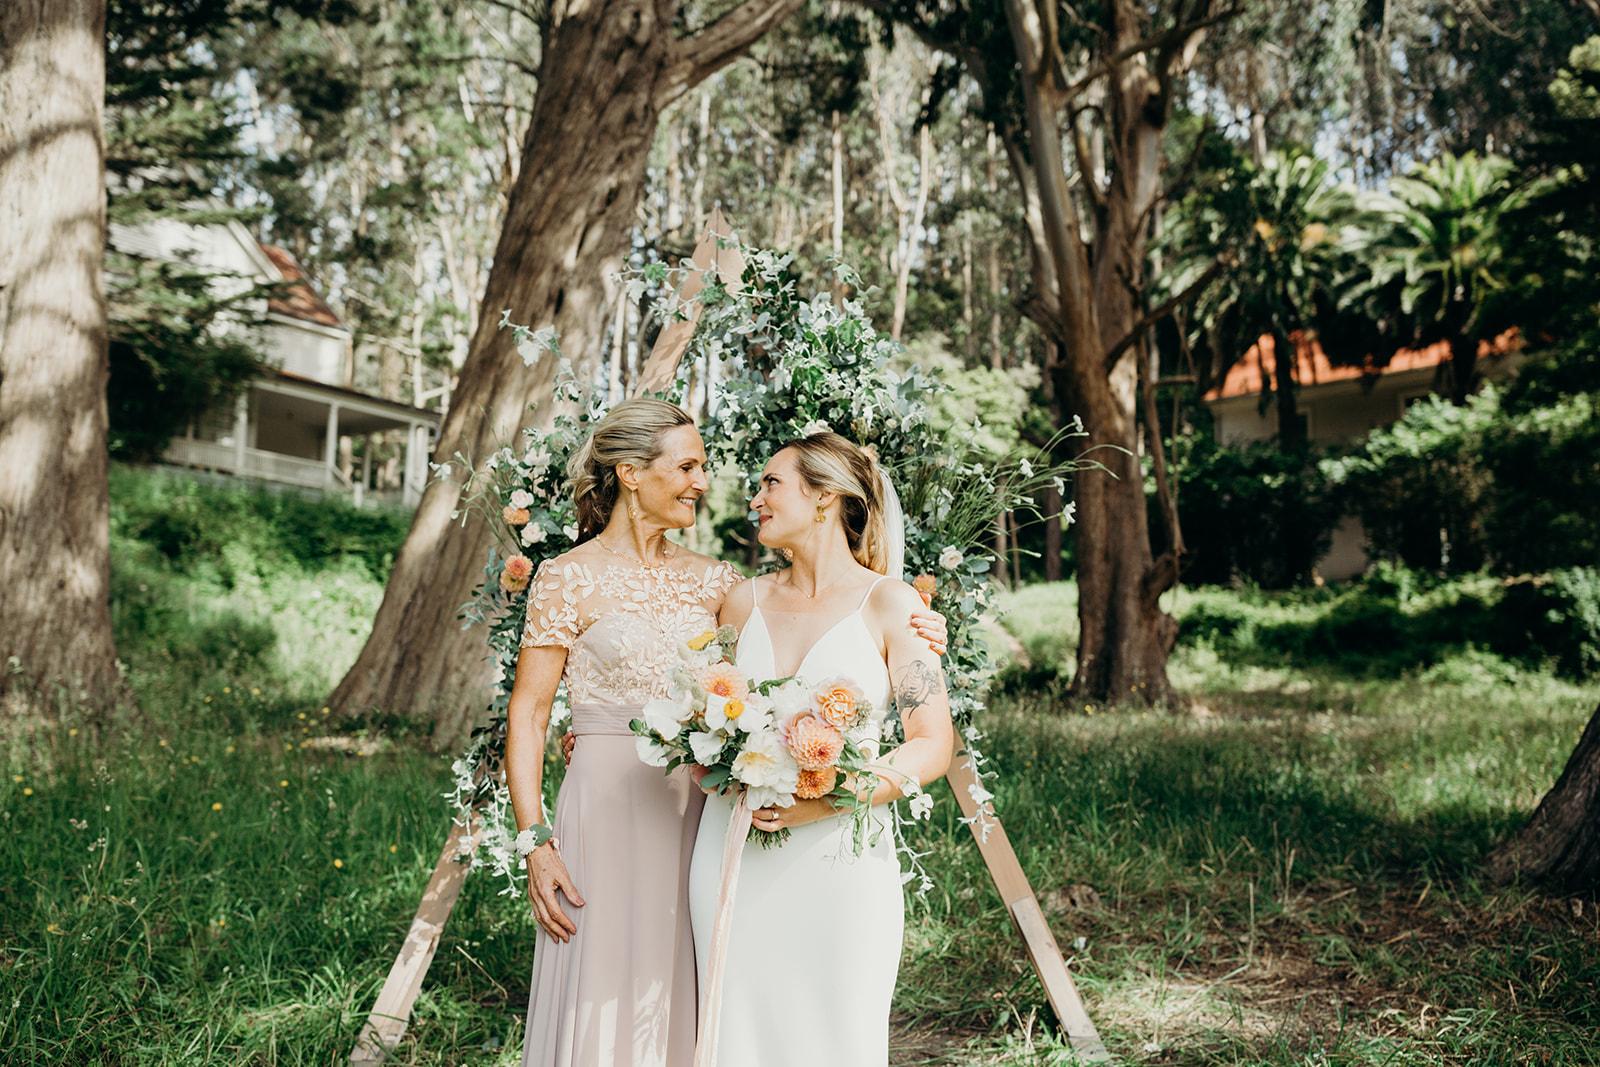 Whitney-Lauren-Headlands-Center-for-The-Arts-Wedding-941.jpg